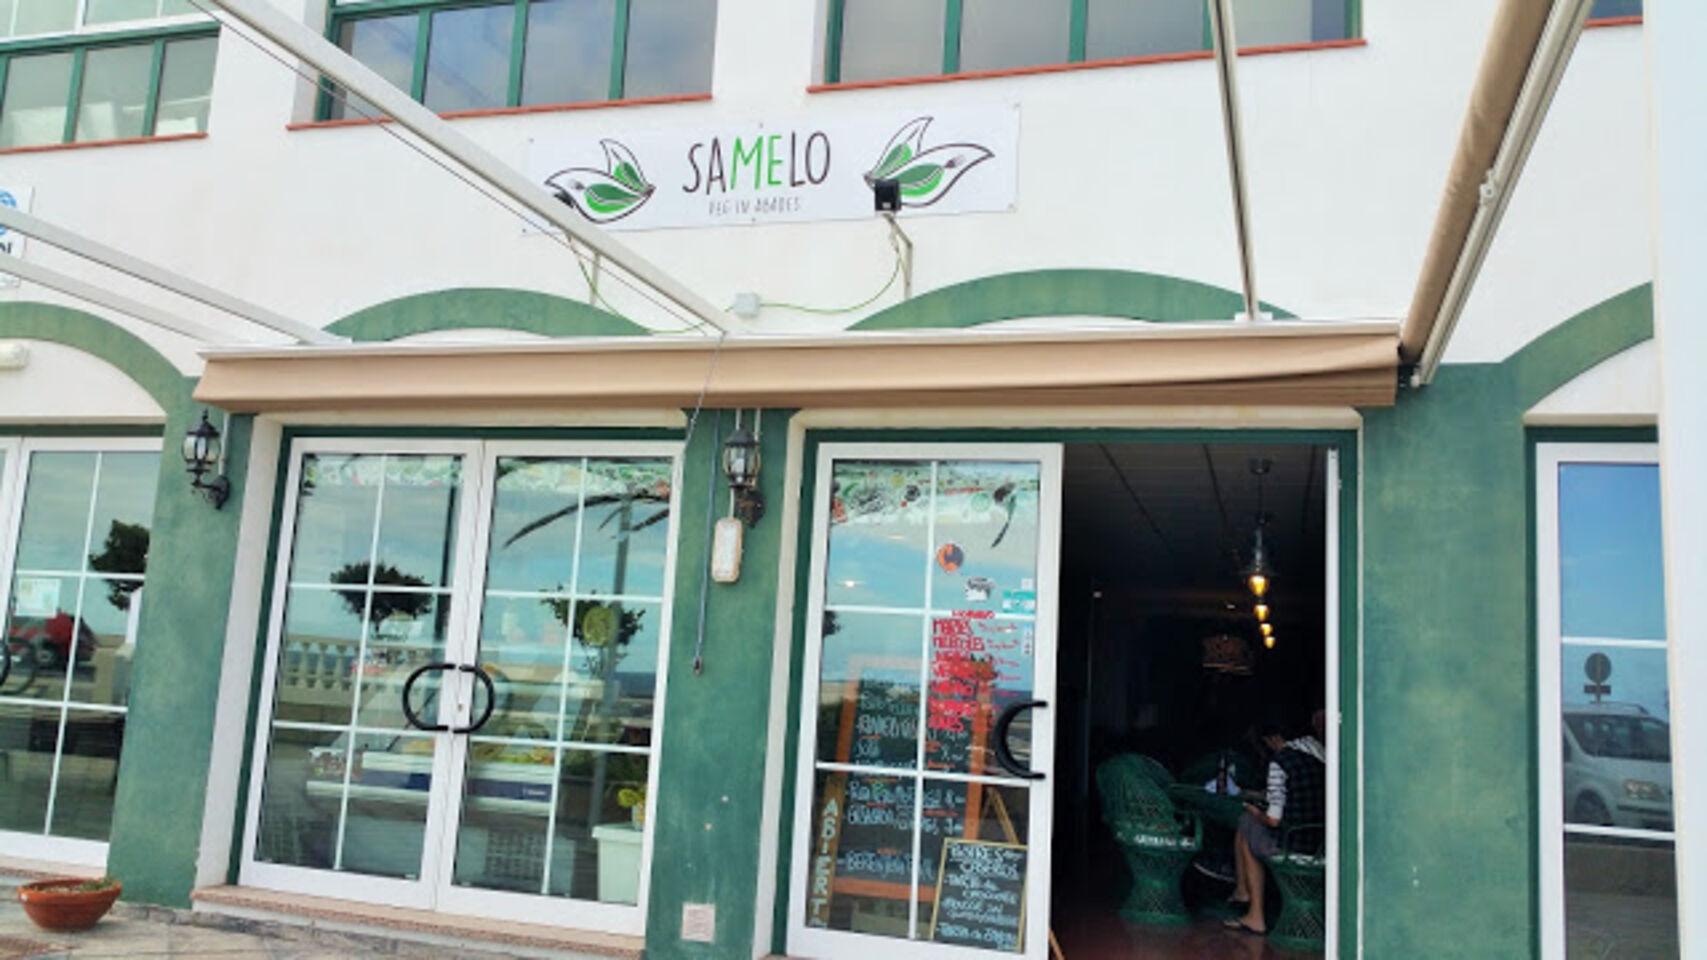 A photo of Samelo